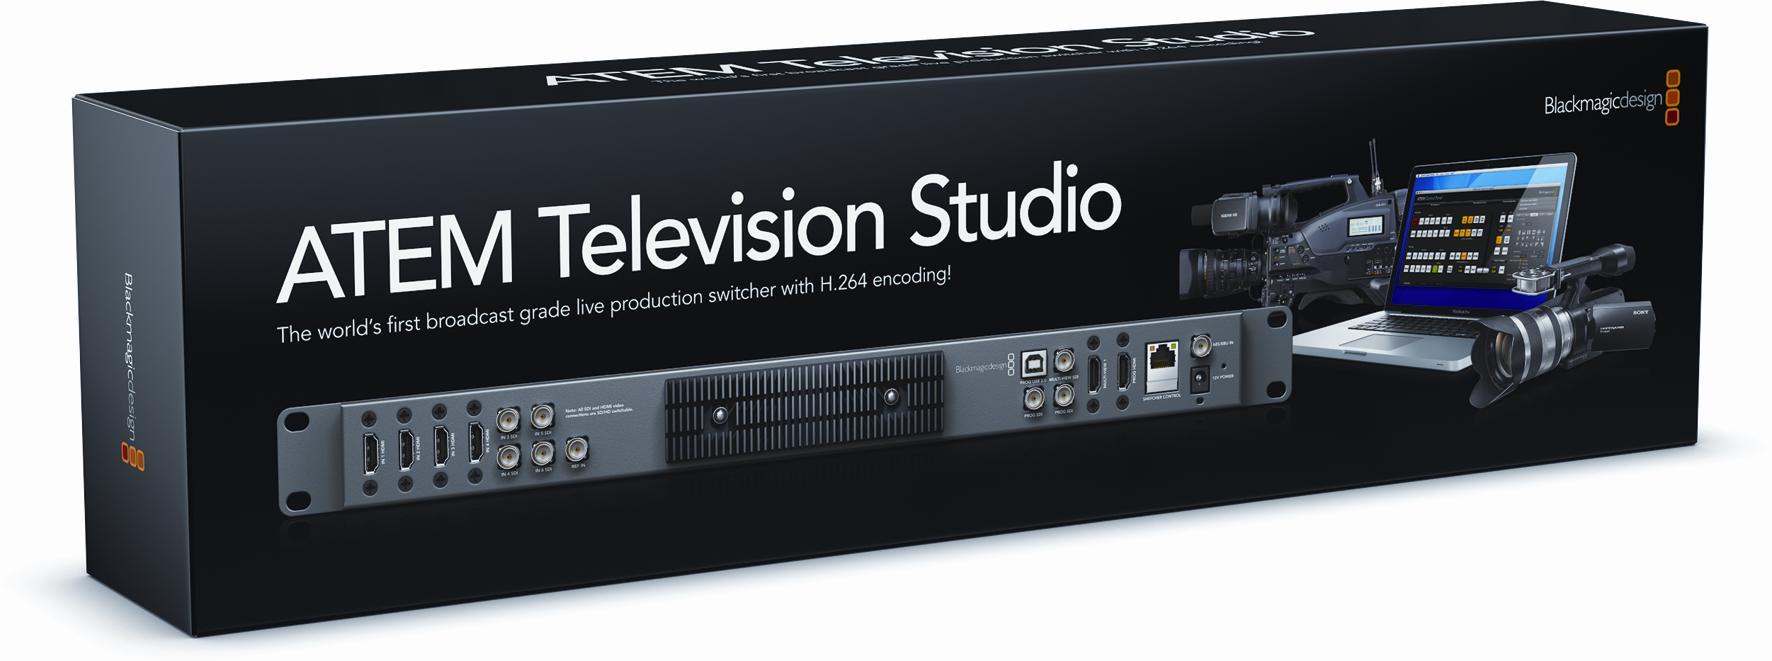 Blackmagic ATEM TV studio